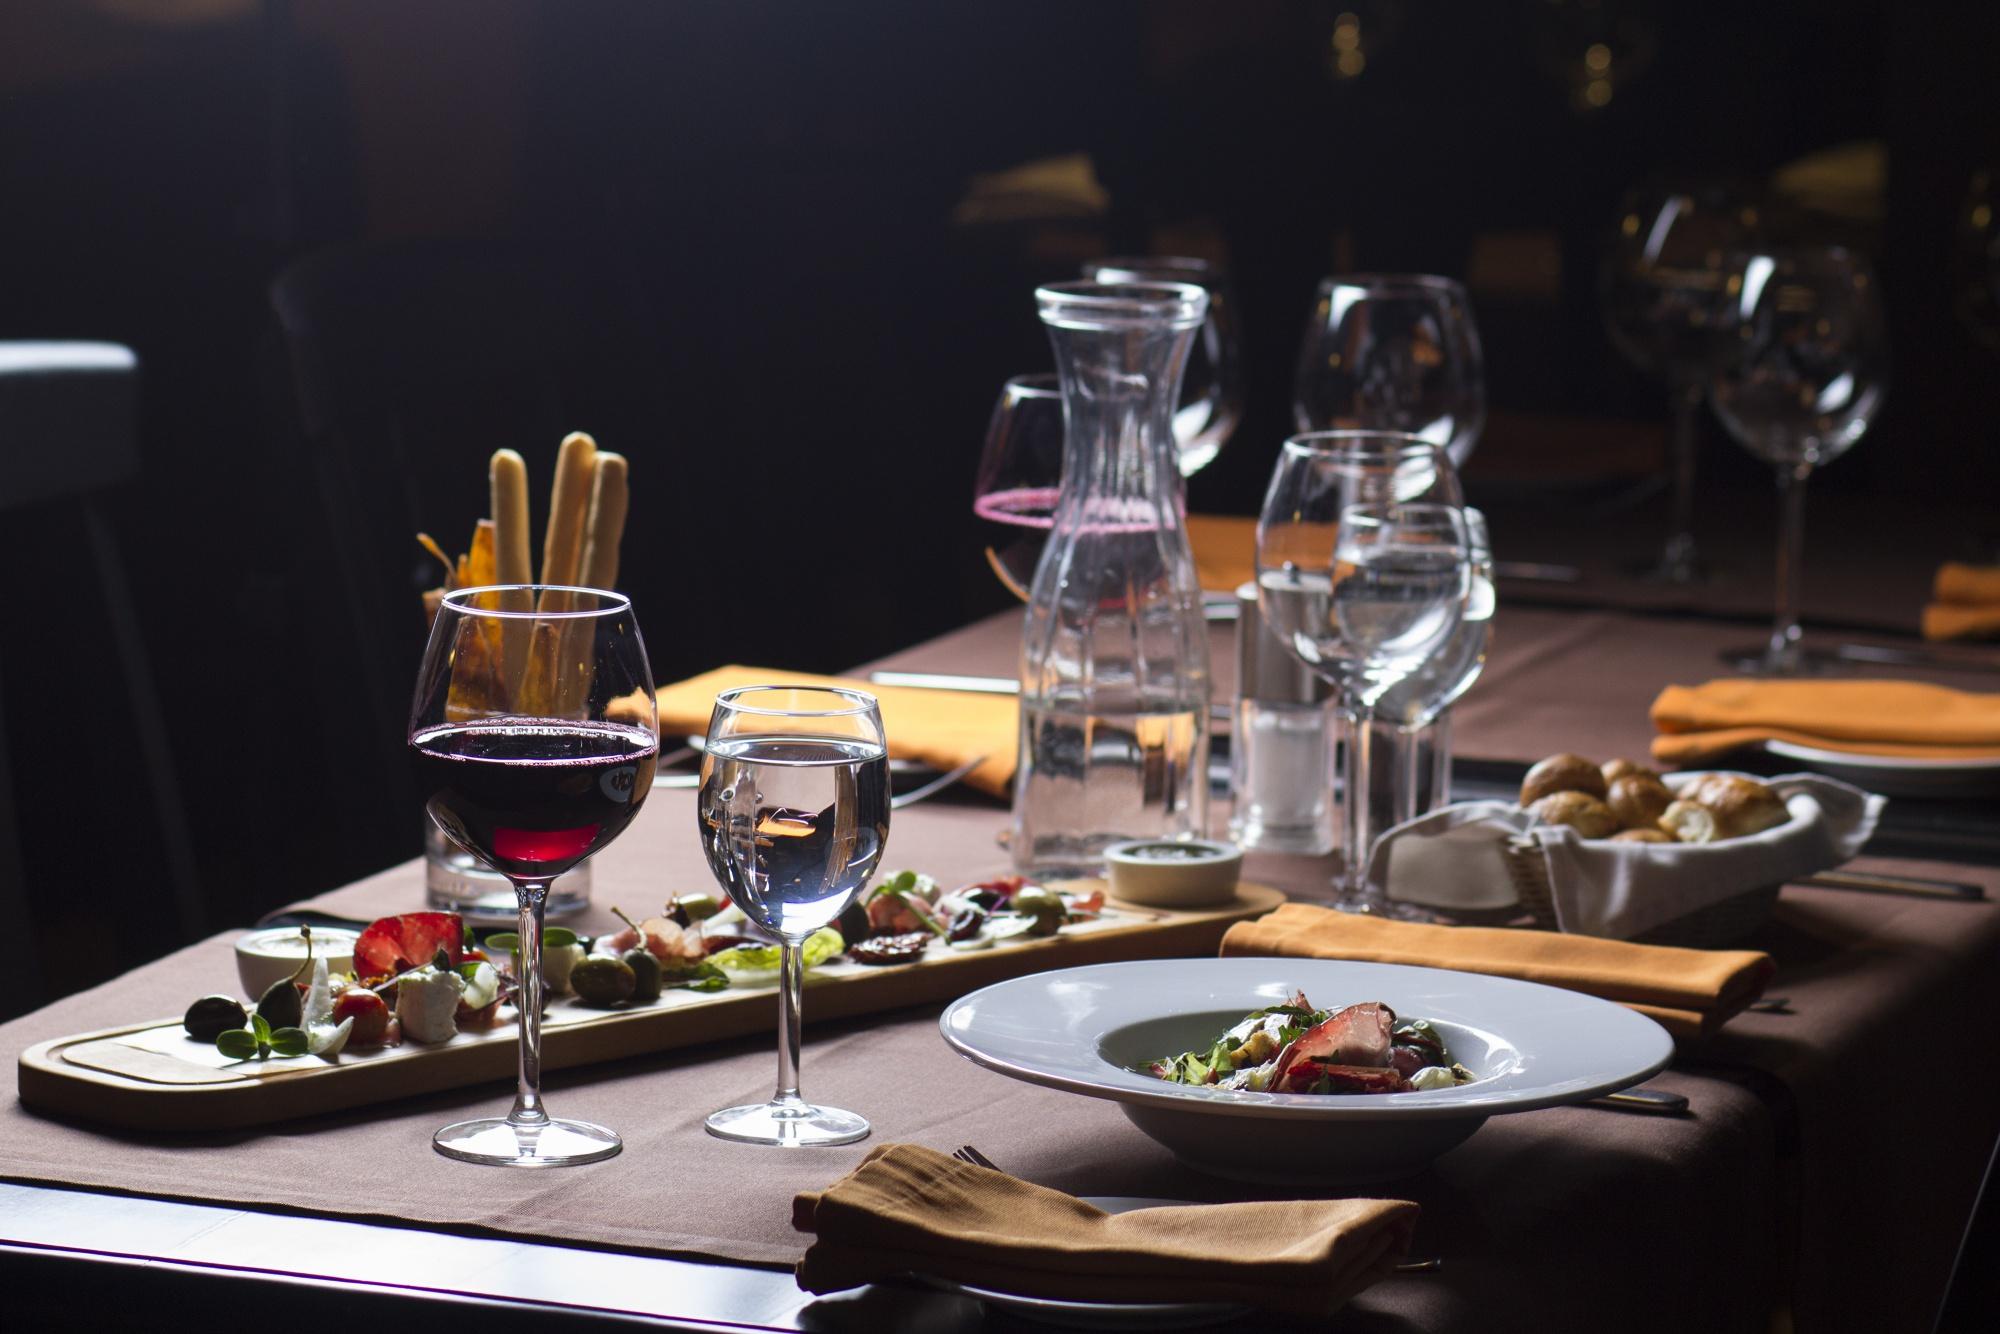 Kolacja w ciemności –  jak smakuje jedzenie, kiedy go nie widzisz?